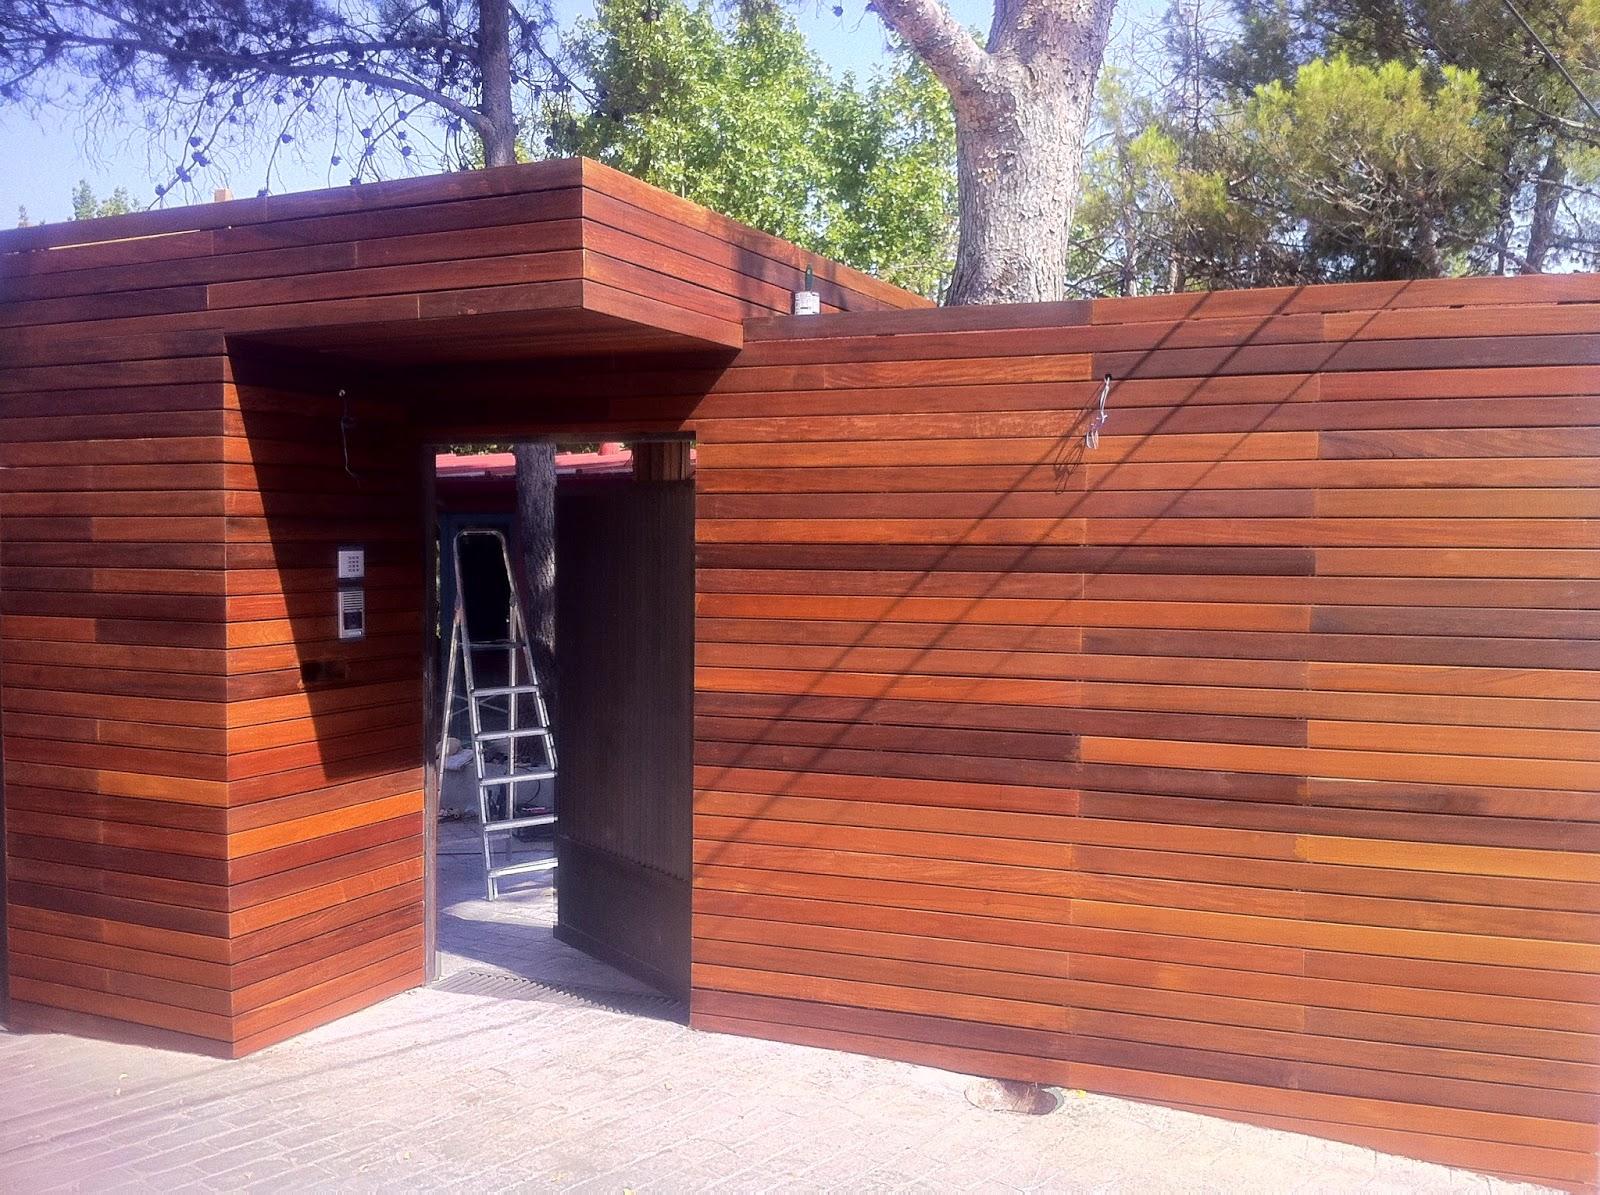 Tarimas de exterior ipe top madera suelos de tarima for Ipe madera exterior